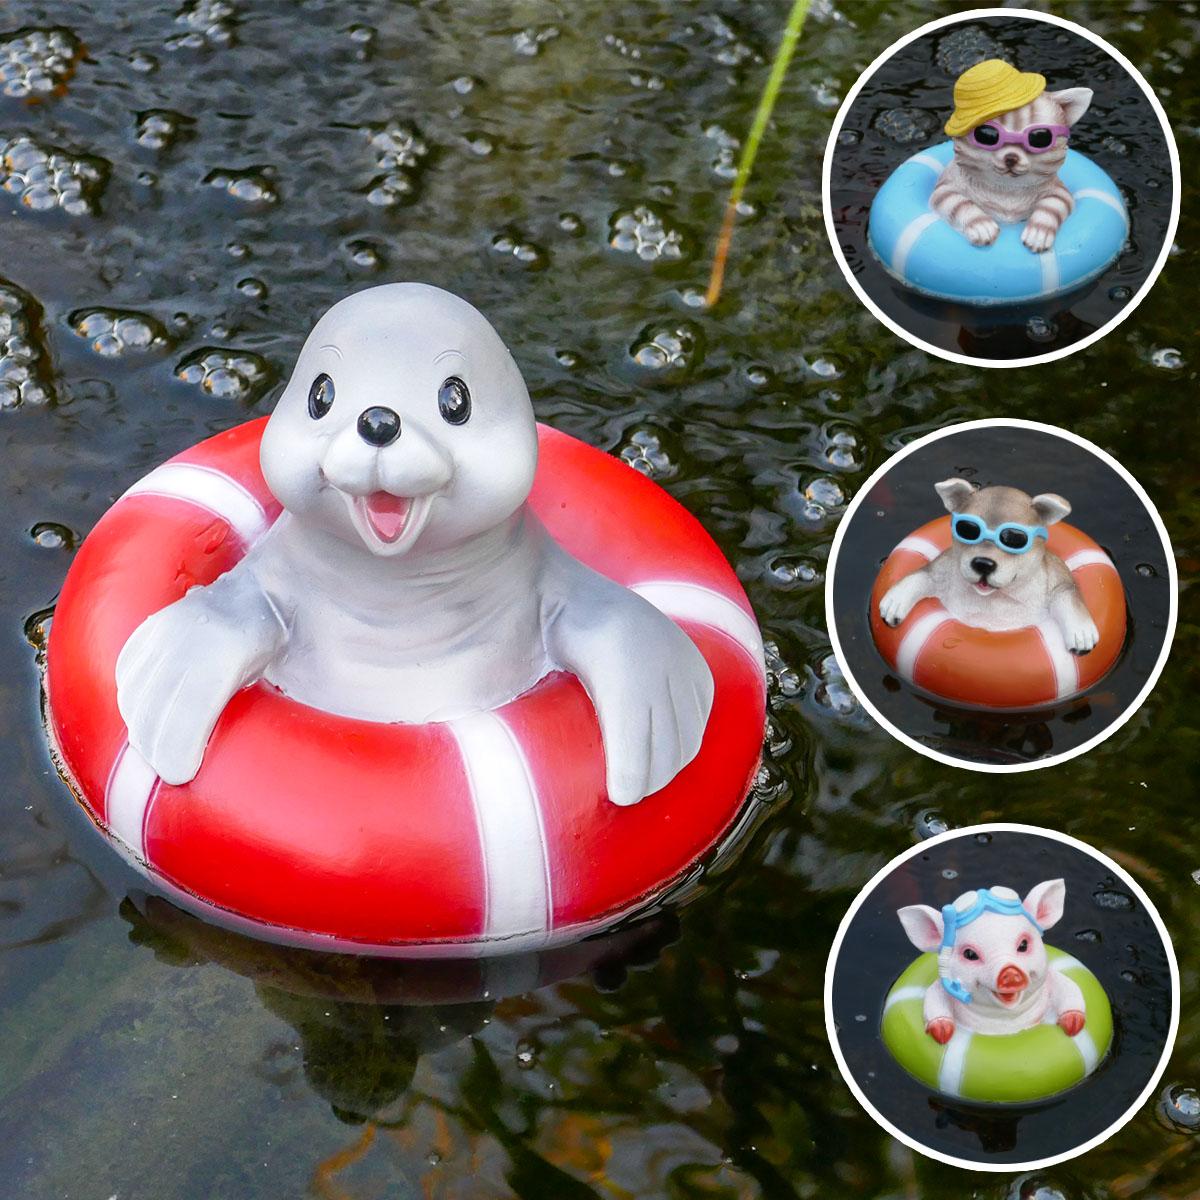 Lustige Teich-Figuren im Schwimmreifen Image